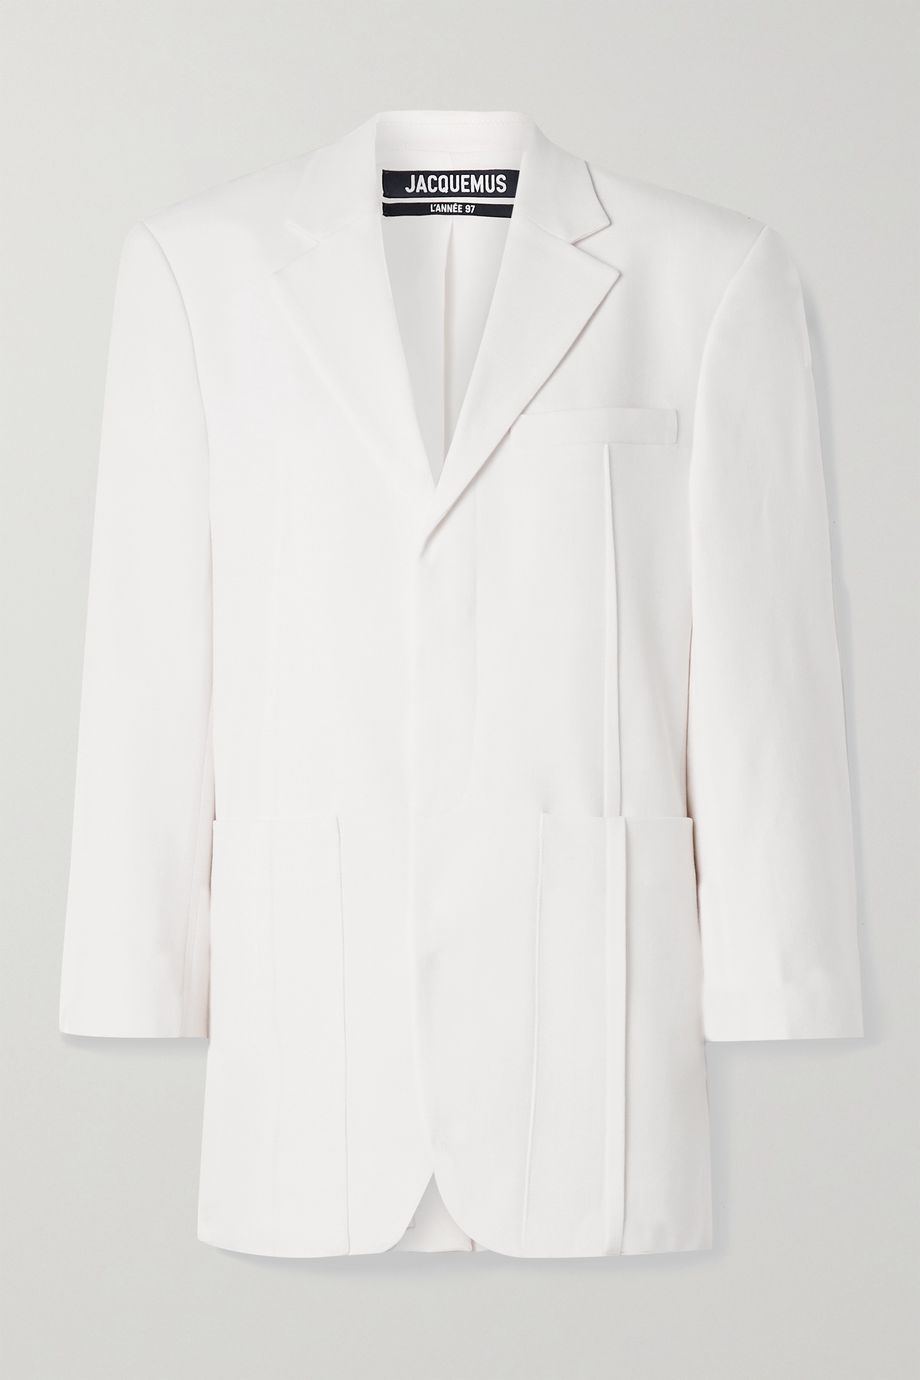 Jacquemus Oversized-Blazer aus einer Wollmischung